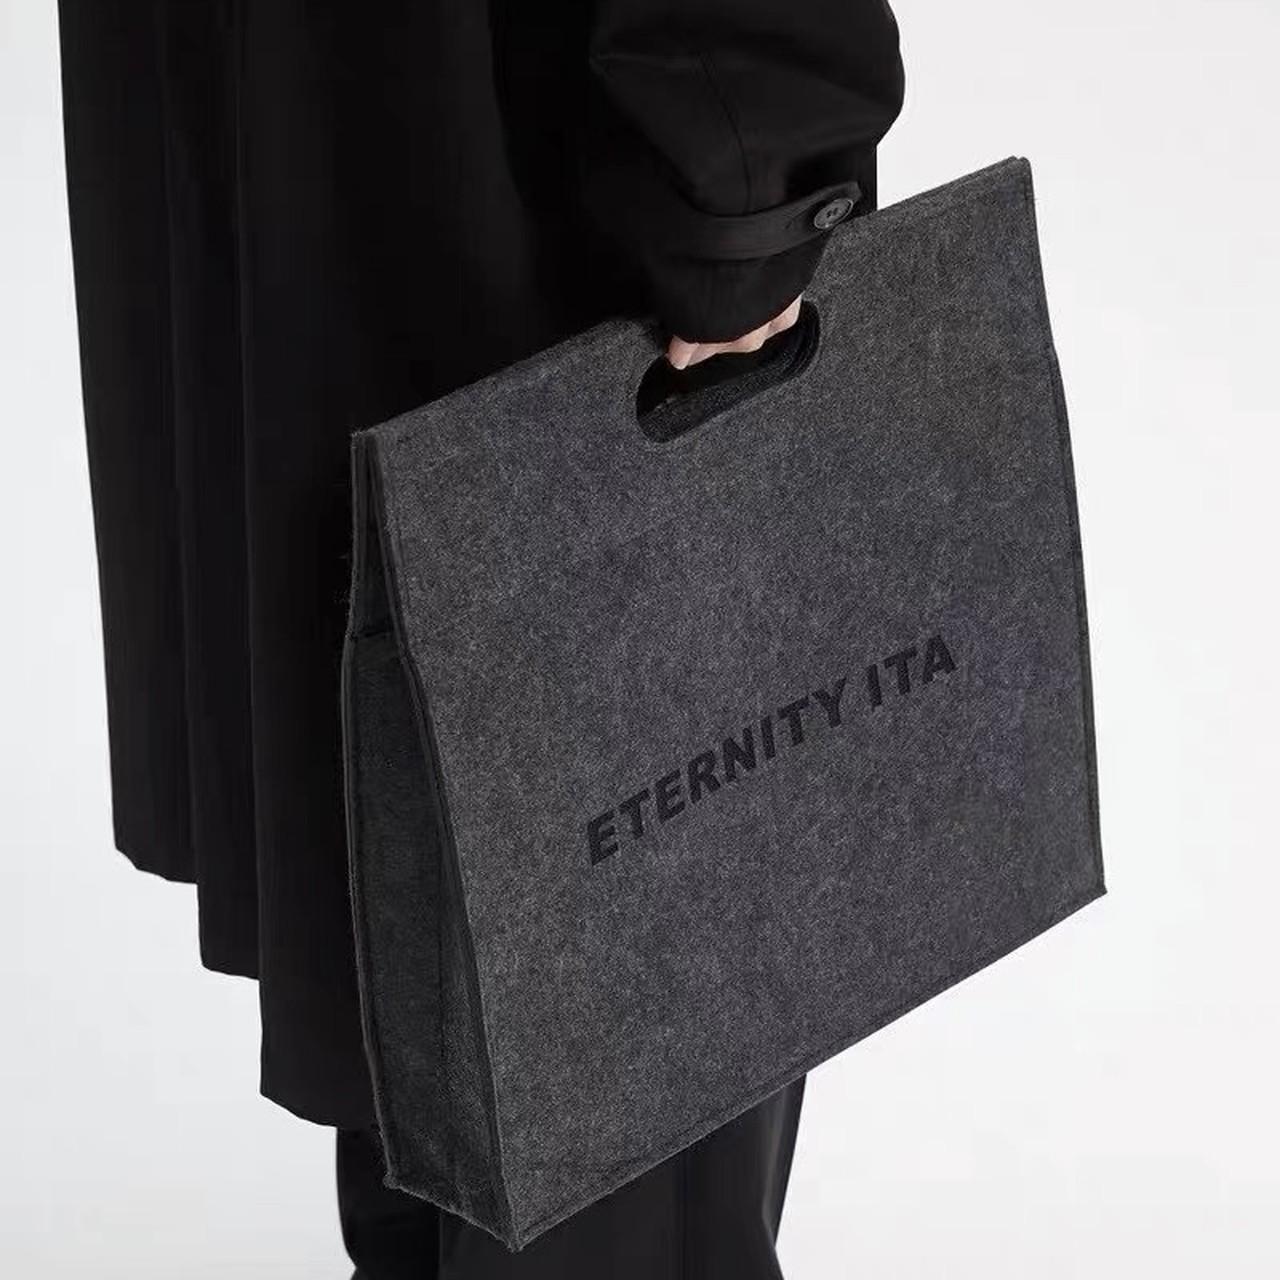 stylish box bag